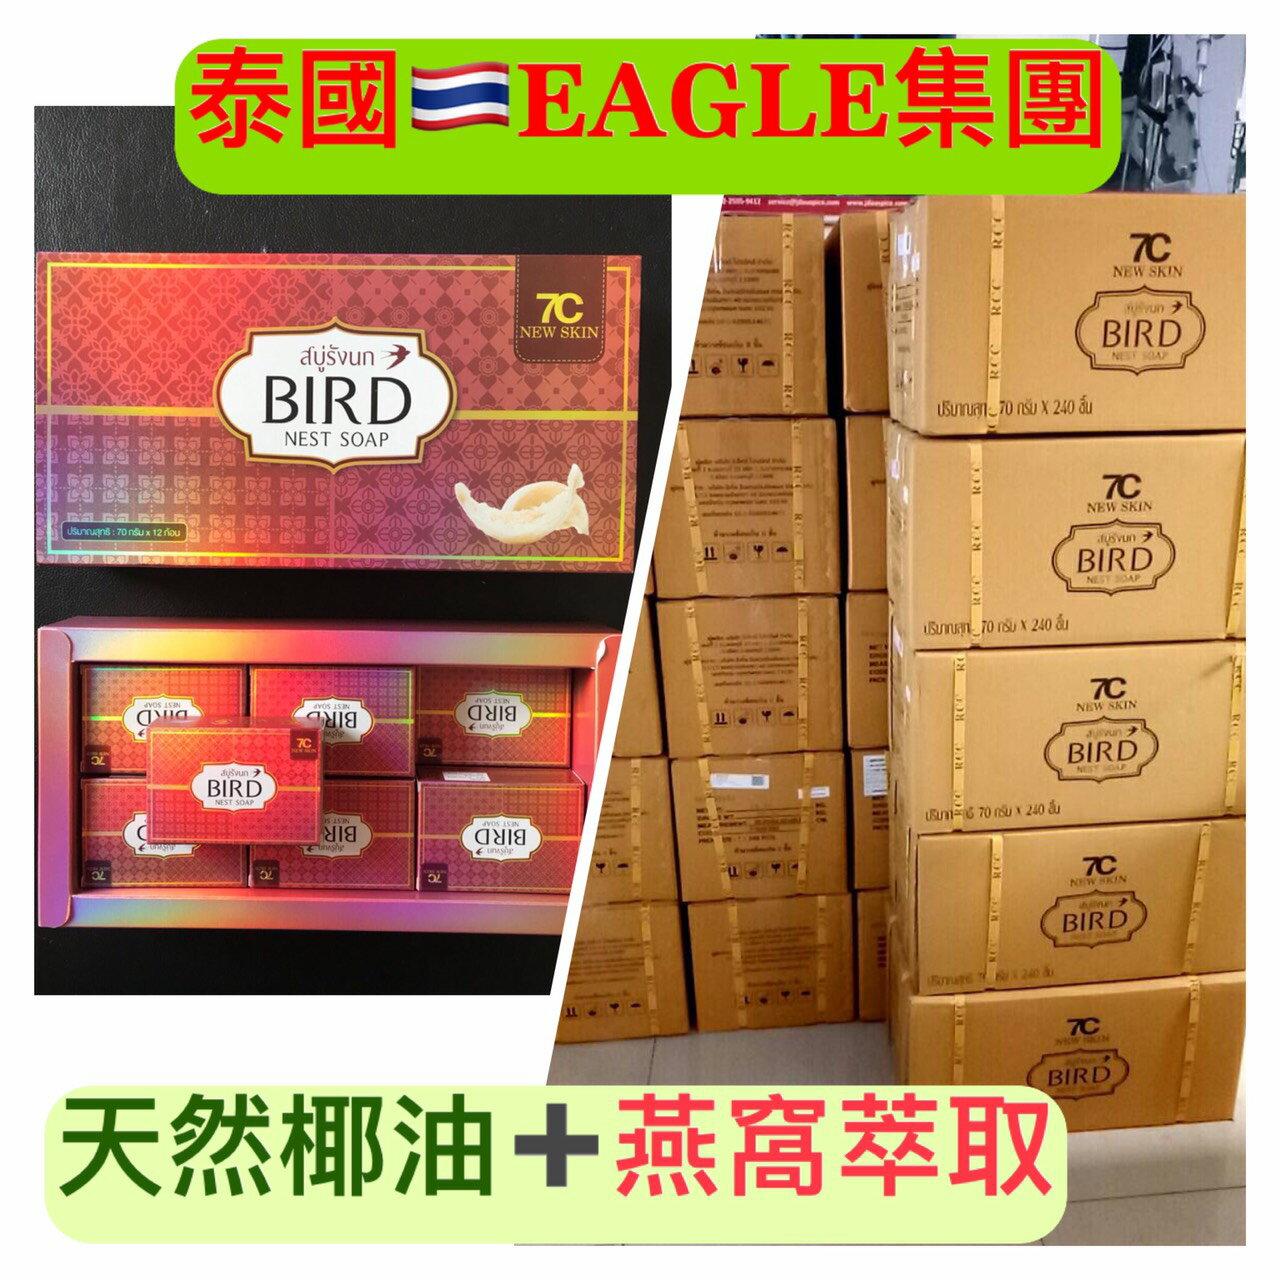 泰國天然椰油燕窩皂︱台灣獨賣新品︱GMP工廠生產 品質保證︱單買 ︱1~5個 4